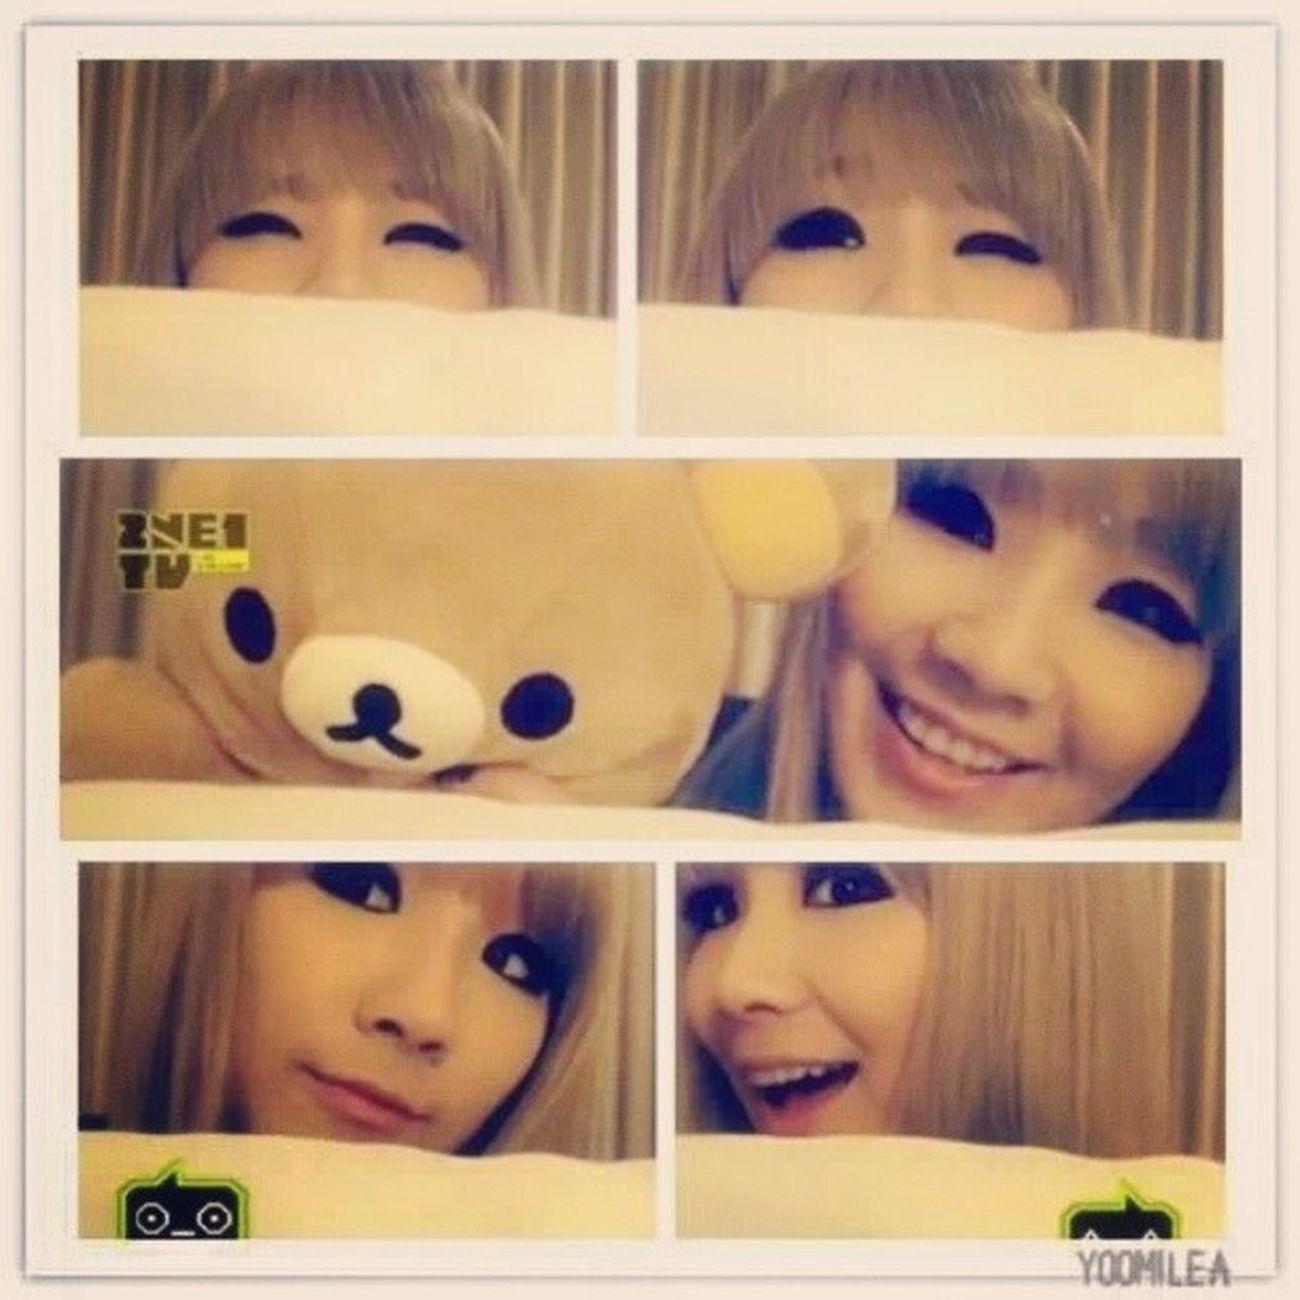 CL 재미 .. eonnie 재미 나는 eonnie 사랑 .. 나는 당신을 사랑합니다 .. CL 2NE1 Kyeopta .. :* @chaelin_cl